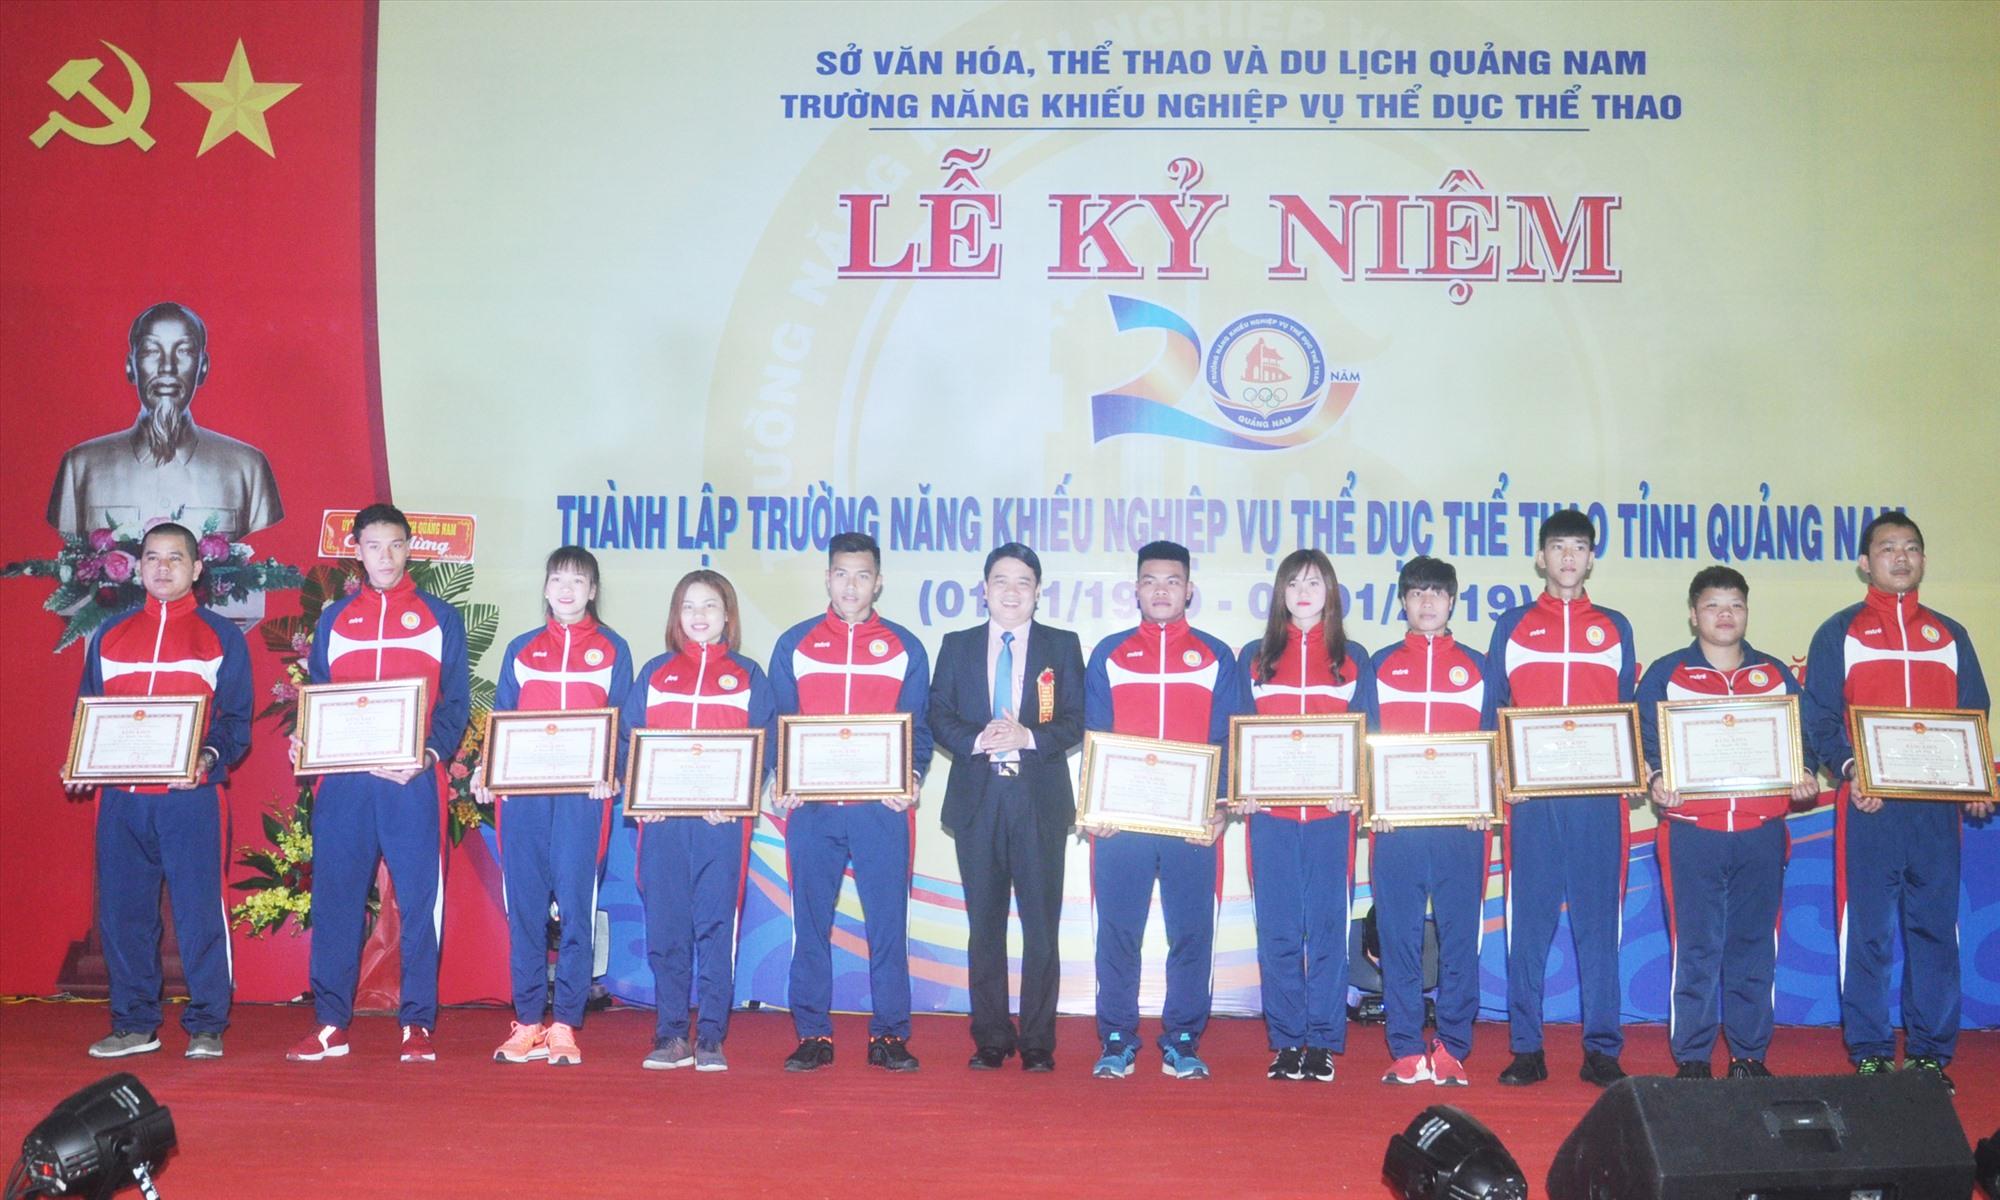 Vận động viên được khen thưởng nhân kỷ niệm 20 năm thành lập Trường Năng khiếu nghiệp vụ TD-TT tỉnh (nay là Trung tâm Đào tạo và thi đấu Quảng Nam). Ảnh: A.N